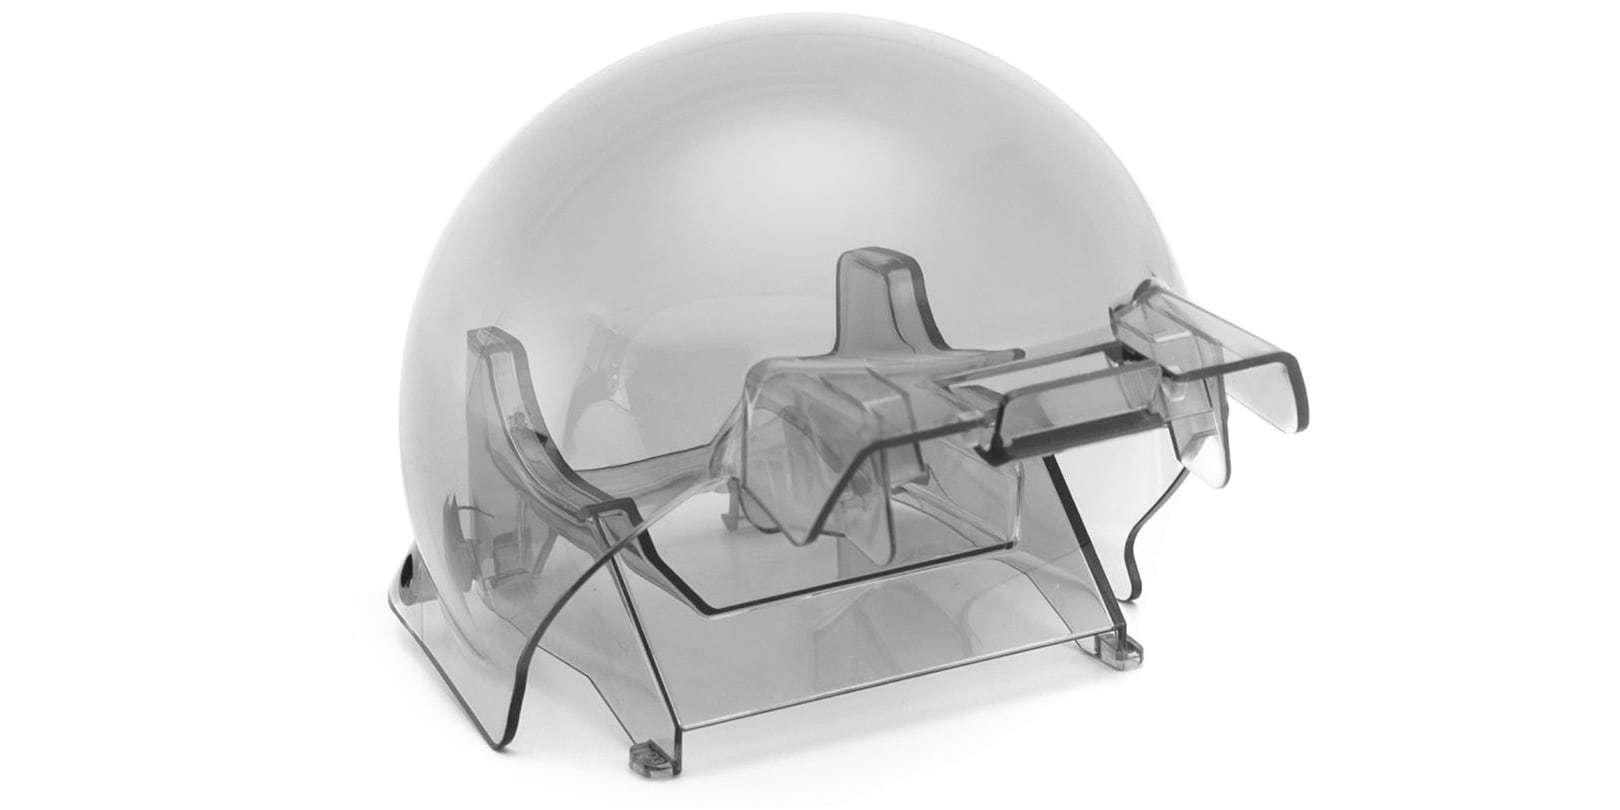 Защита подвеса DJI Mavic 2 Pro Gimbal Protector (Part15) вид сбоку